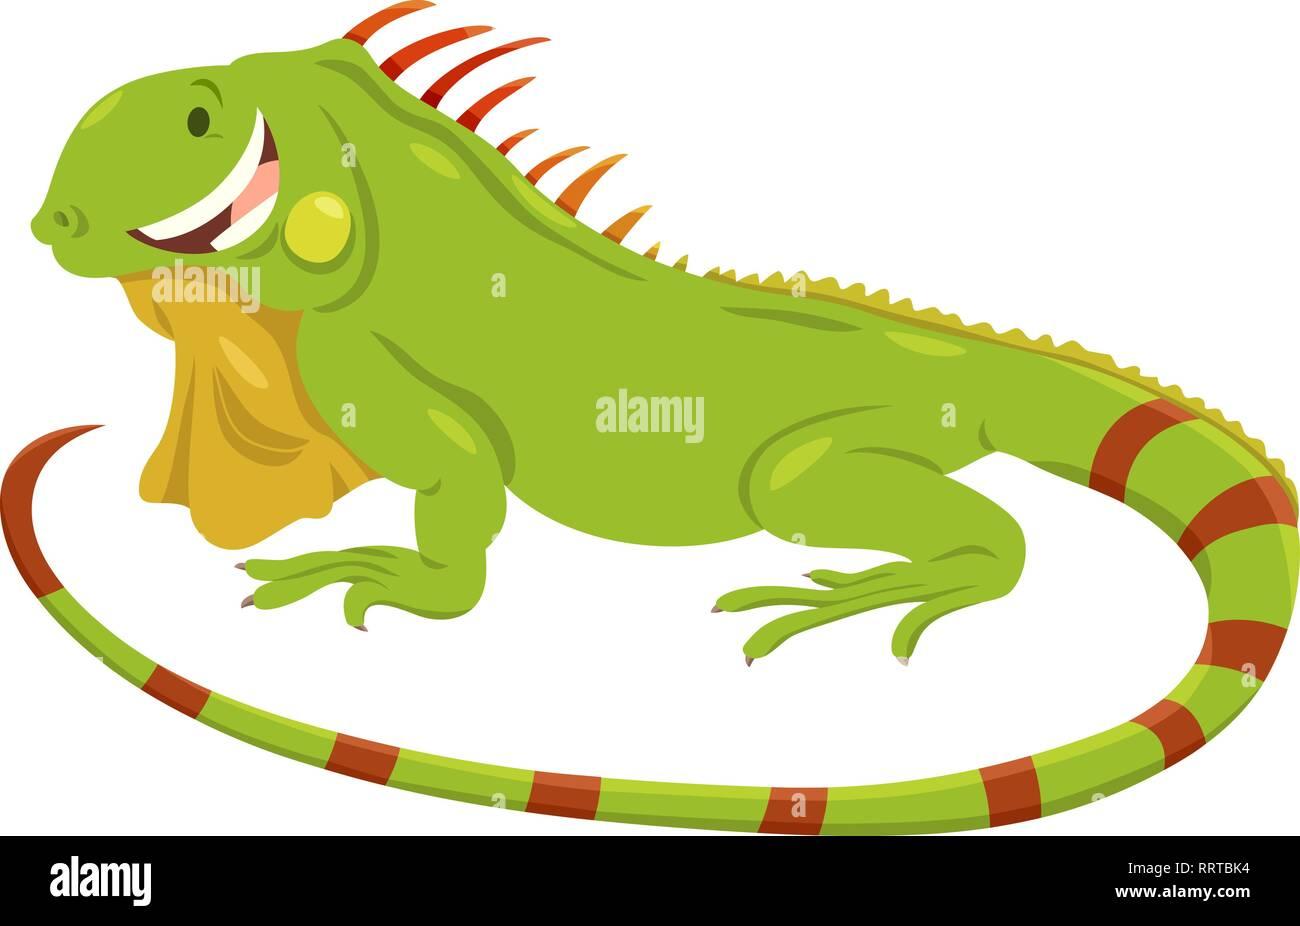 Ilustración De Dibujos Animados Cute Iguana Verde Personaje Animal